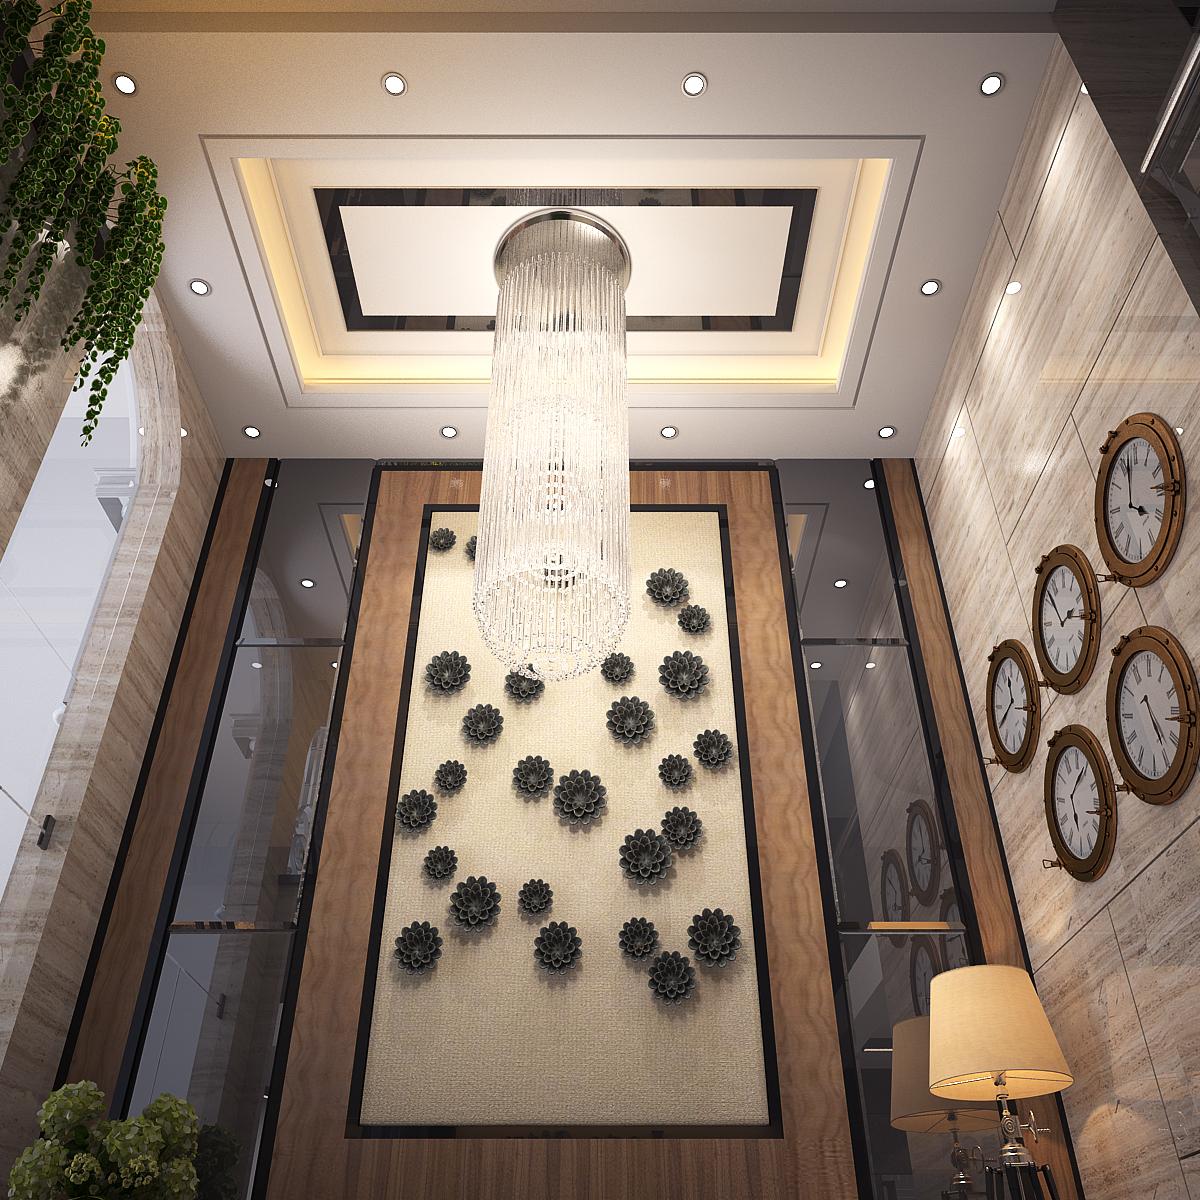 SANH 4 Dấu ấn thiết kế nội thất khách sạn sang trọng độc đáo nhất   NTKS020814A